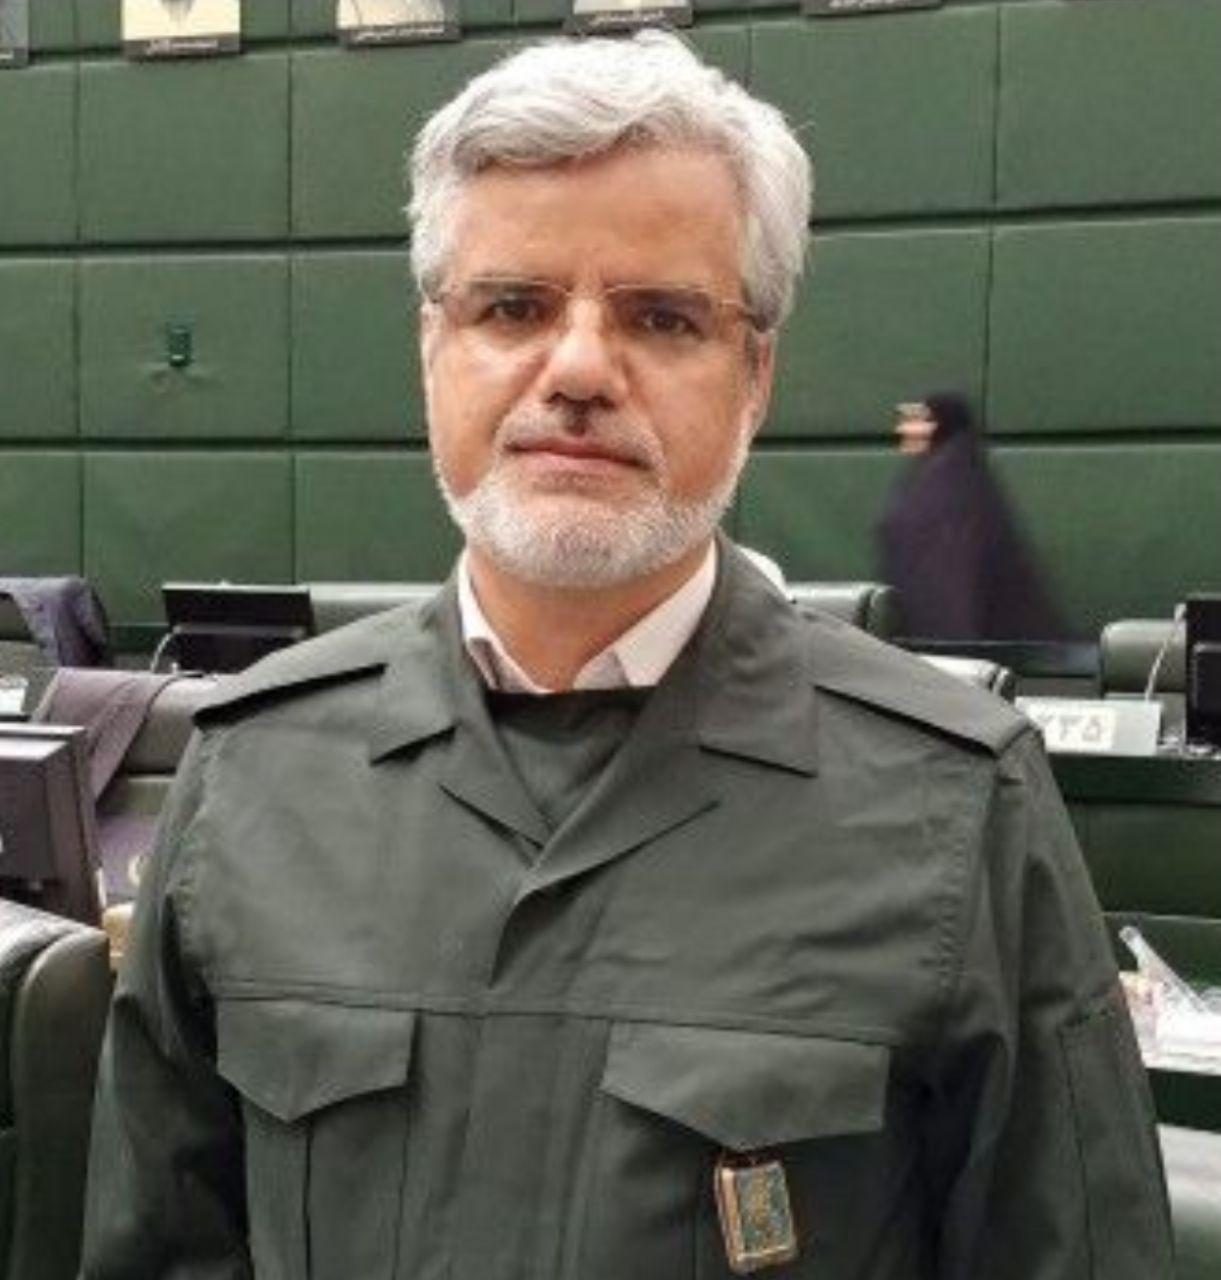 واکنشها در ایران به اقدام آمریکا علیه سپاه؛ آمریکاییها باید عواقب اشتباهشان را تحمل کنند